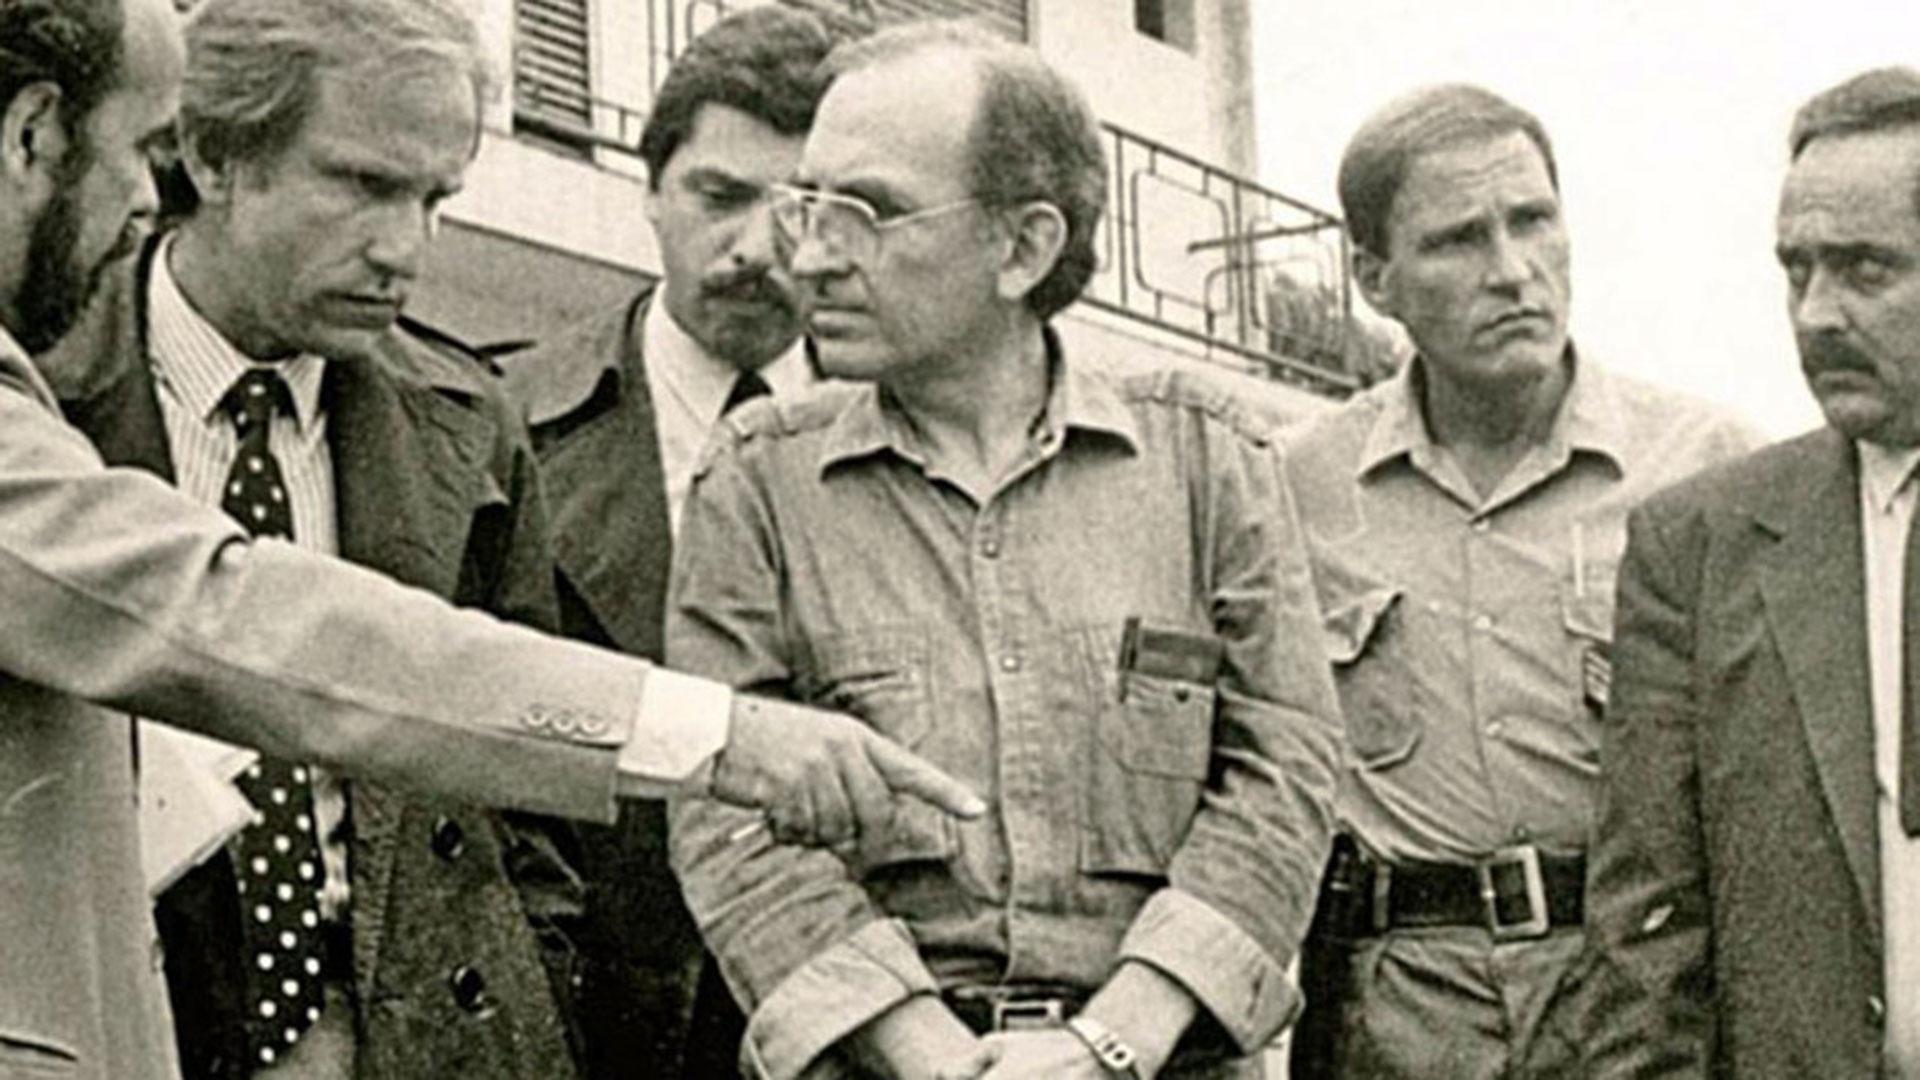 En 1988, salió sorteado como defensor oficial de uno de los integrantes de la familia Puccio, responsables del secuestro y asesinato de tres personas. Era conjuez del Juzgado Federal de San Isidro, que estaba a cargo de Alberto Piotto. Estuvo muy poco tiempo en ese rol.